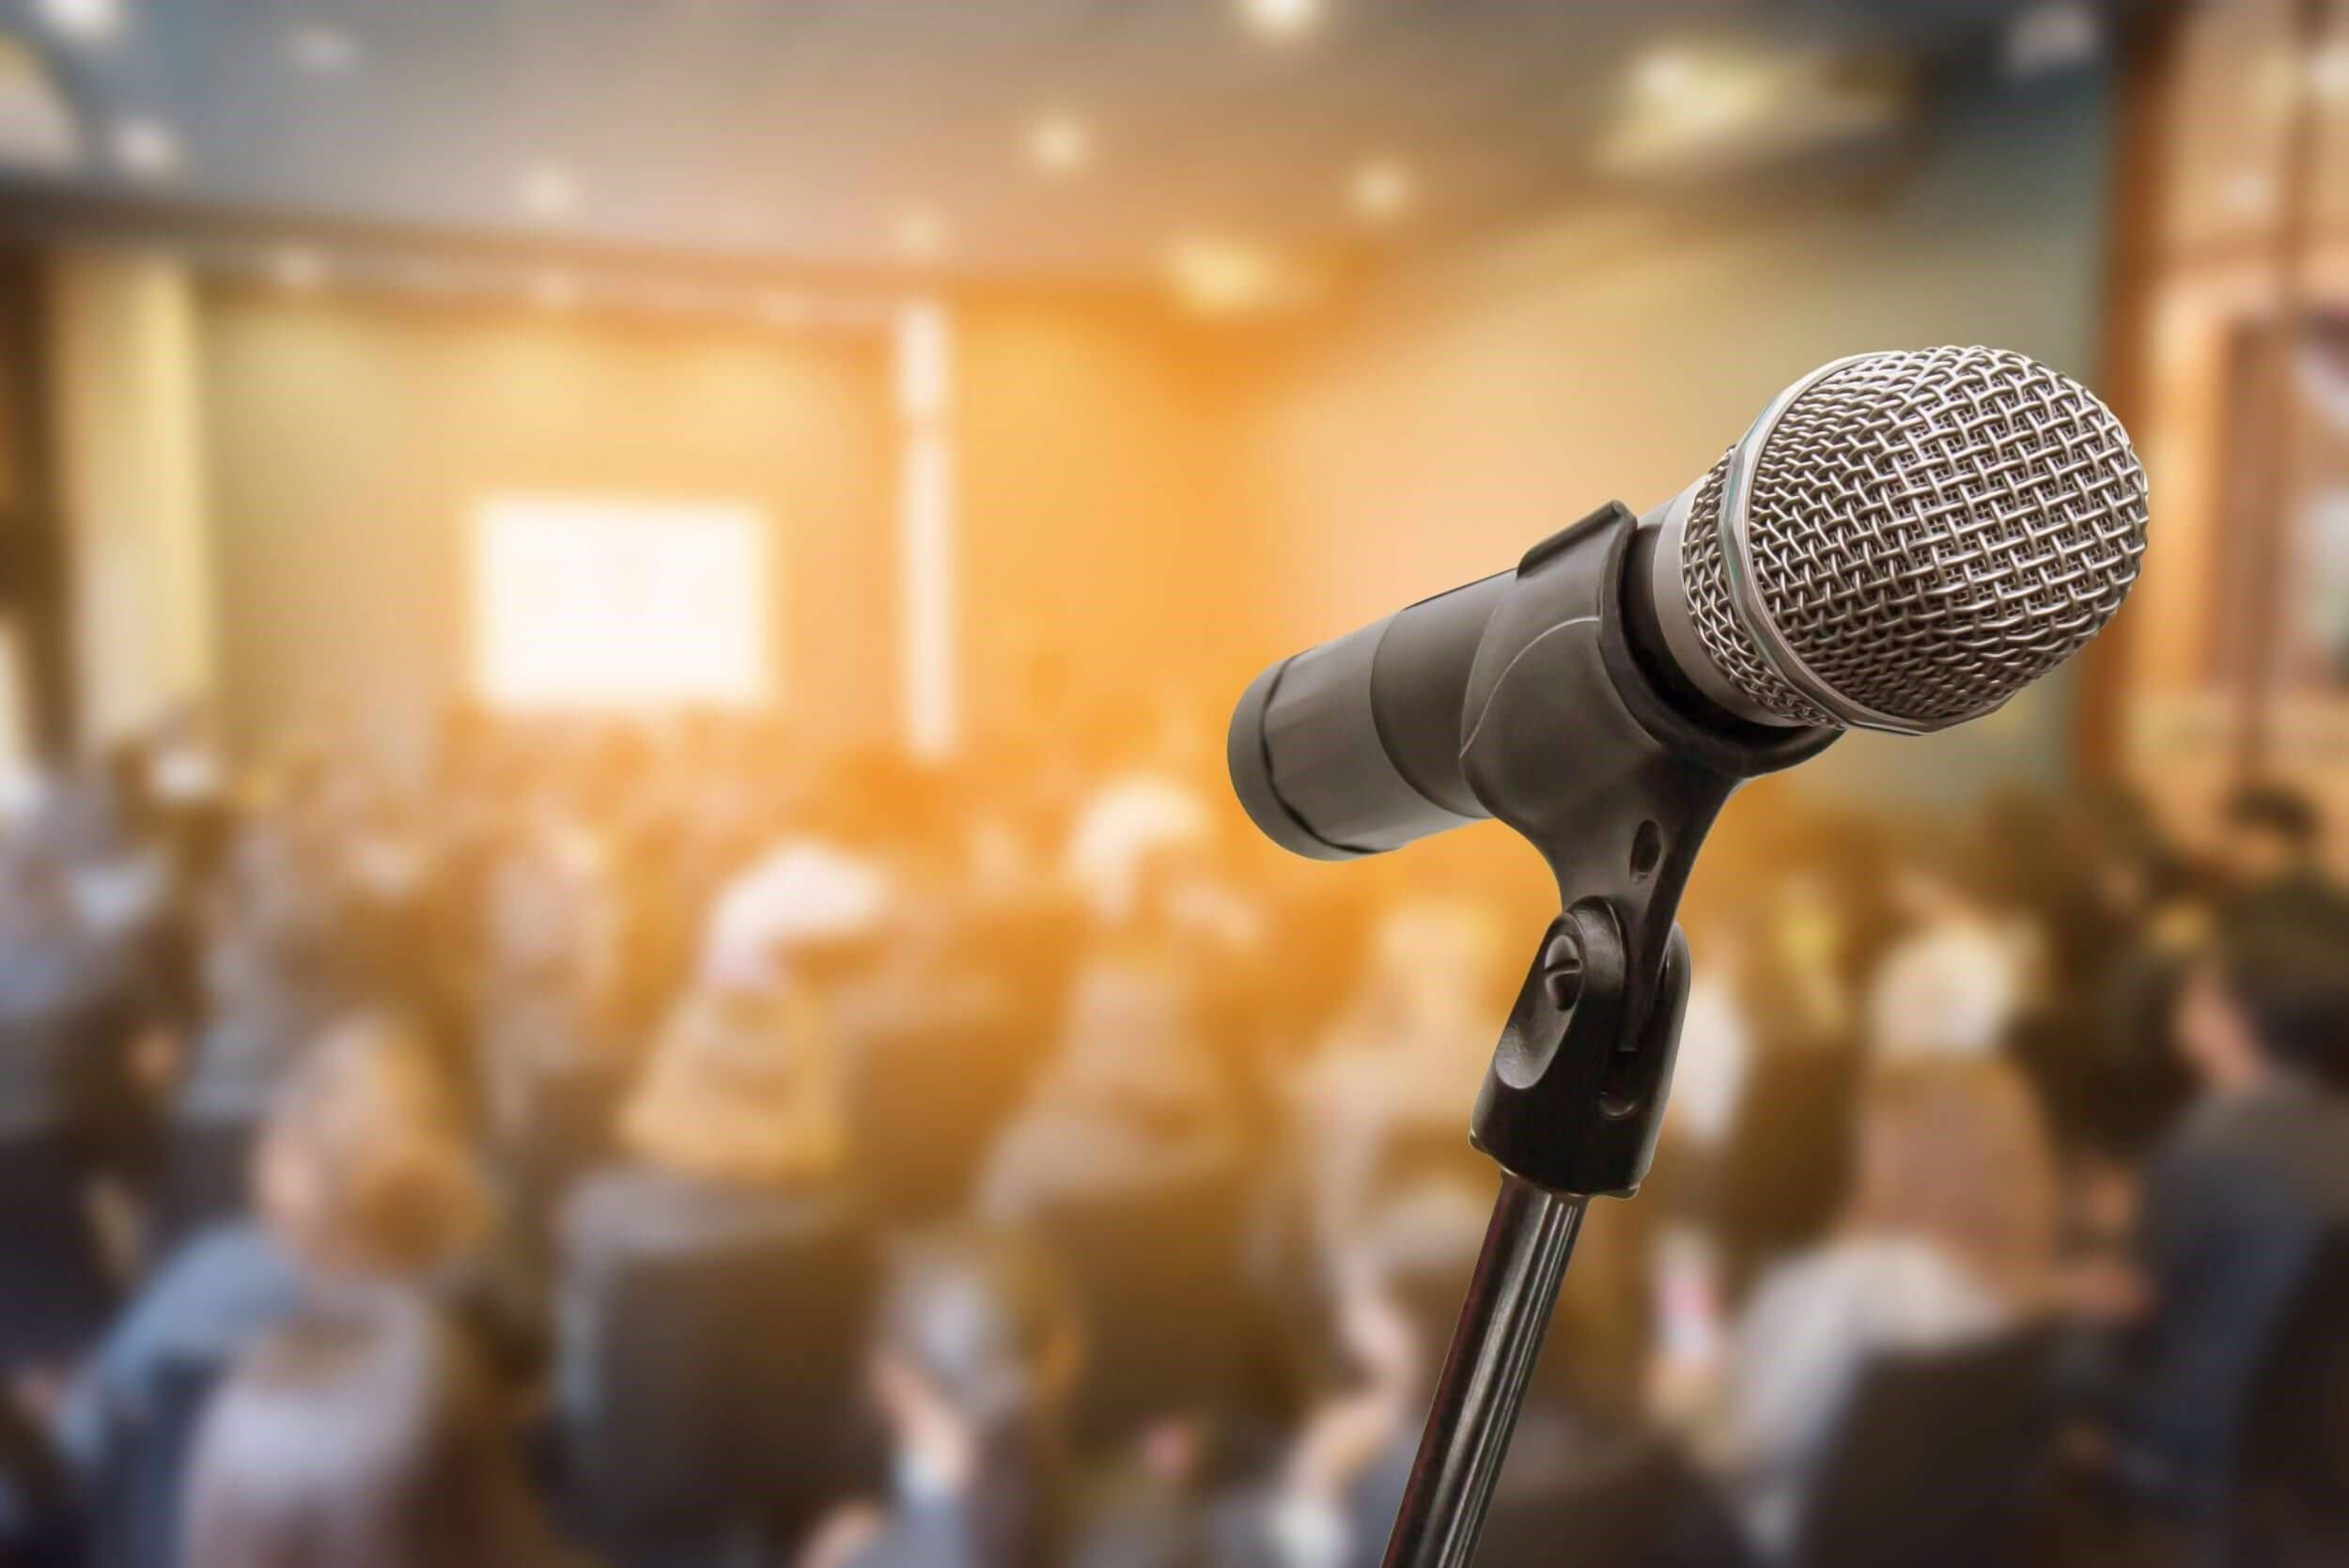 foredragsholdere, foredragsholdere, foredrag, Foredragsholder, SpeakersLounge